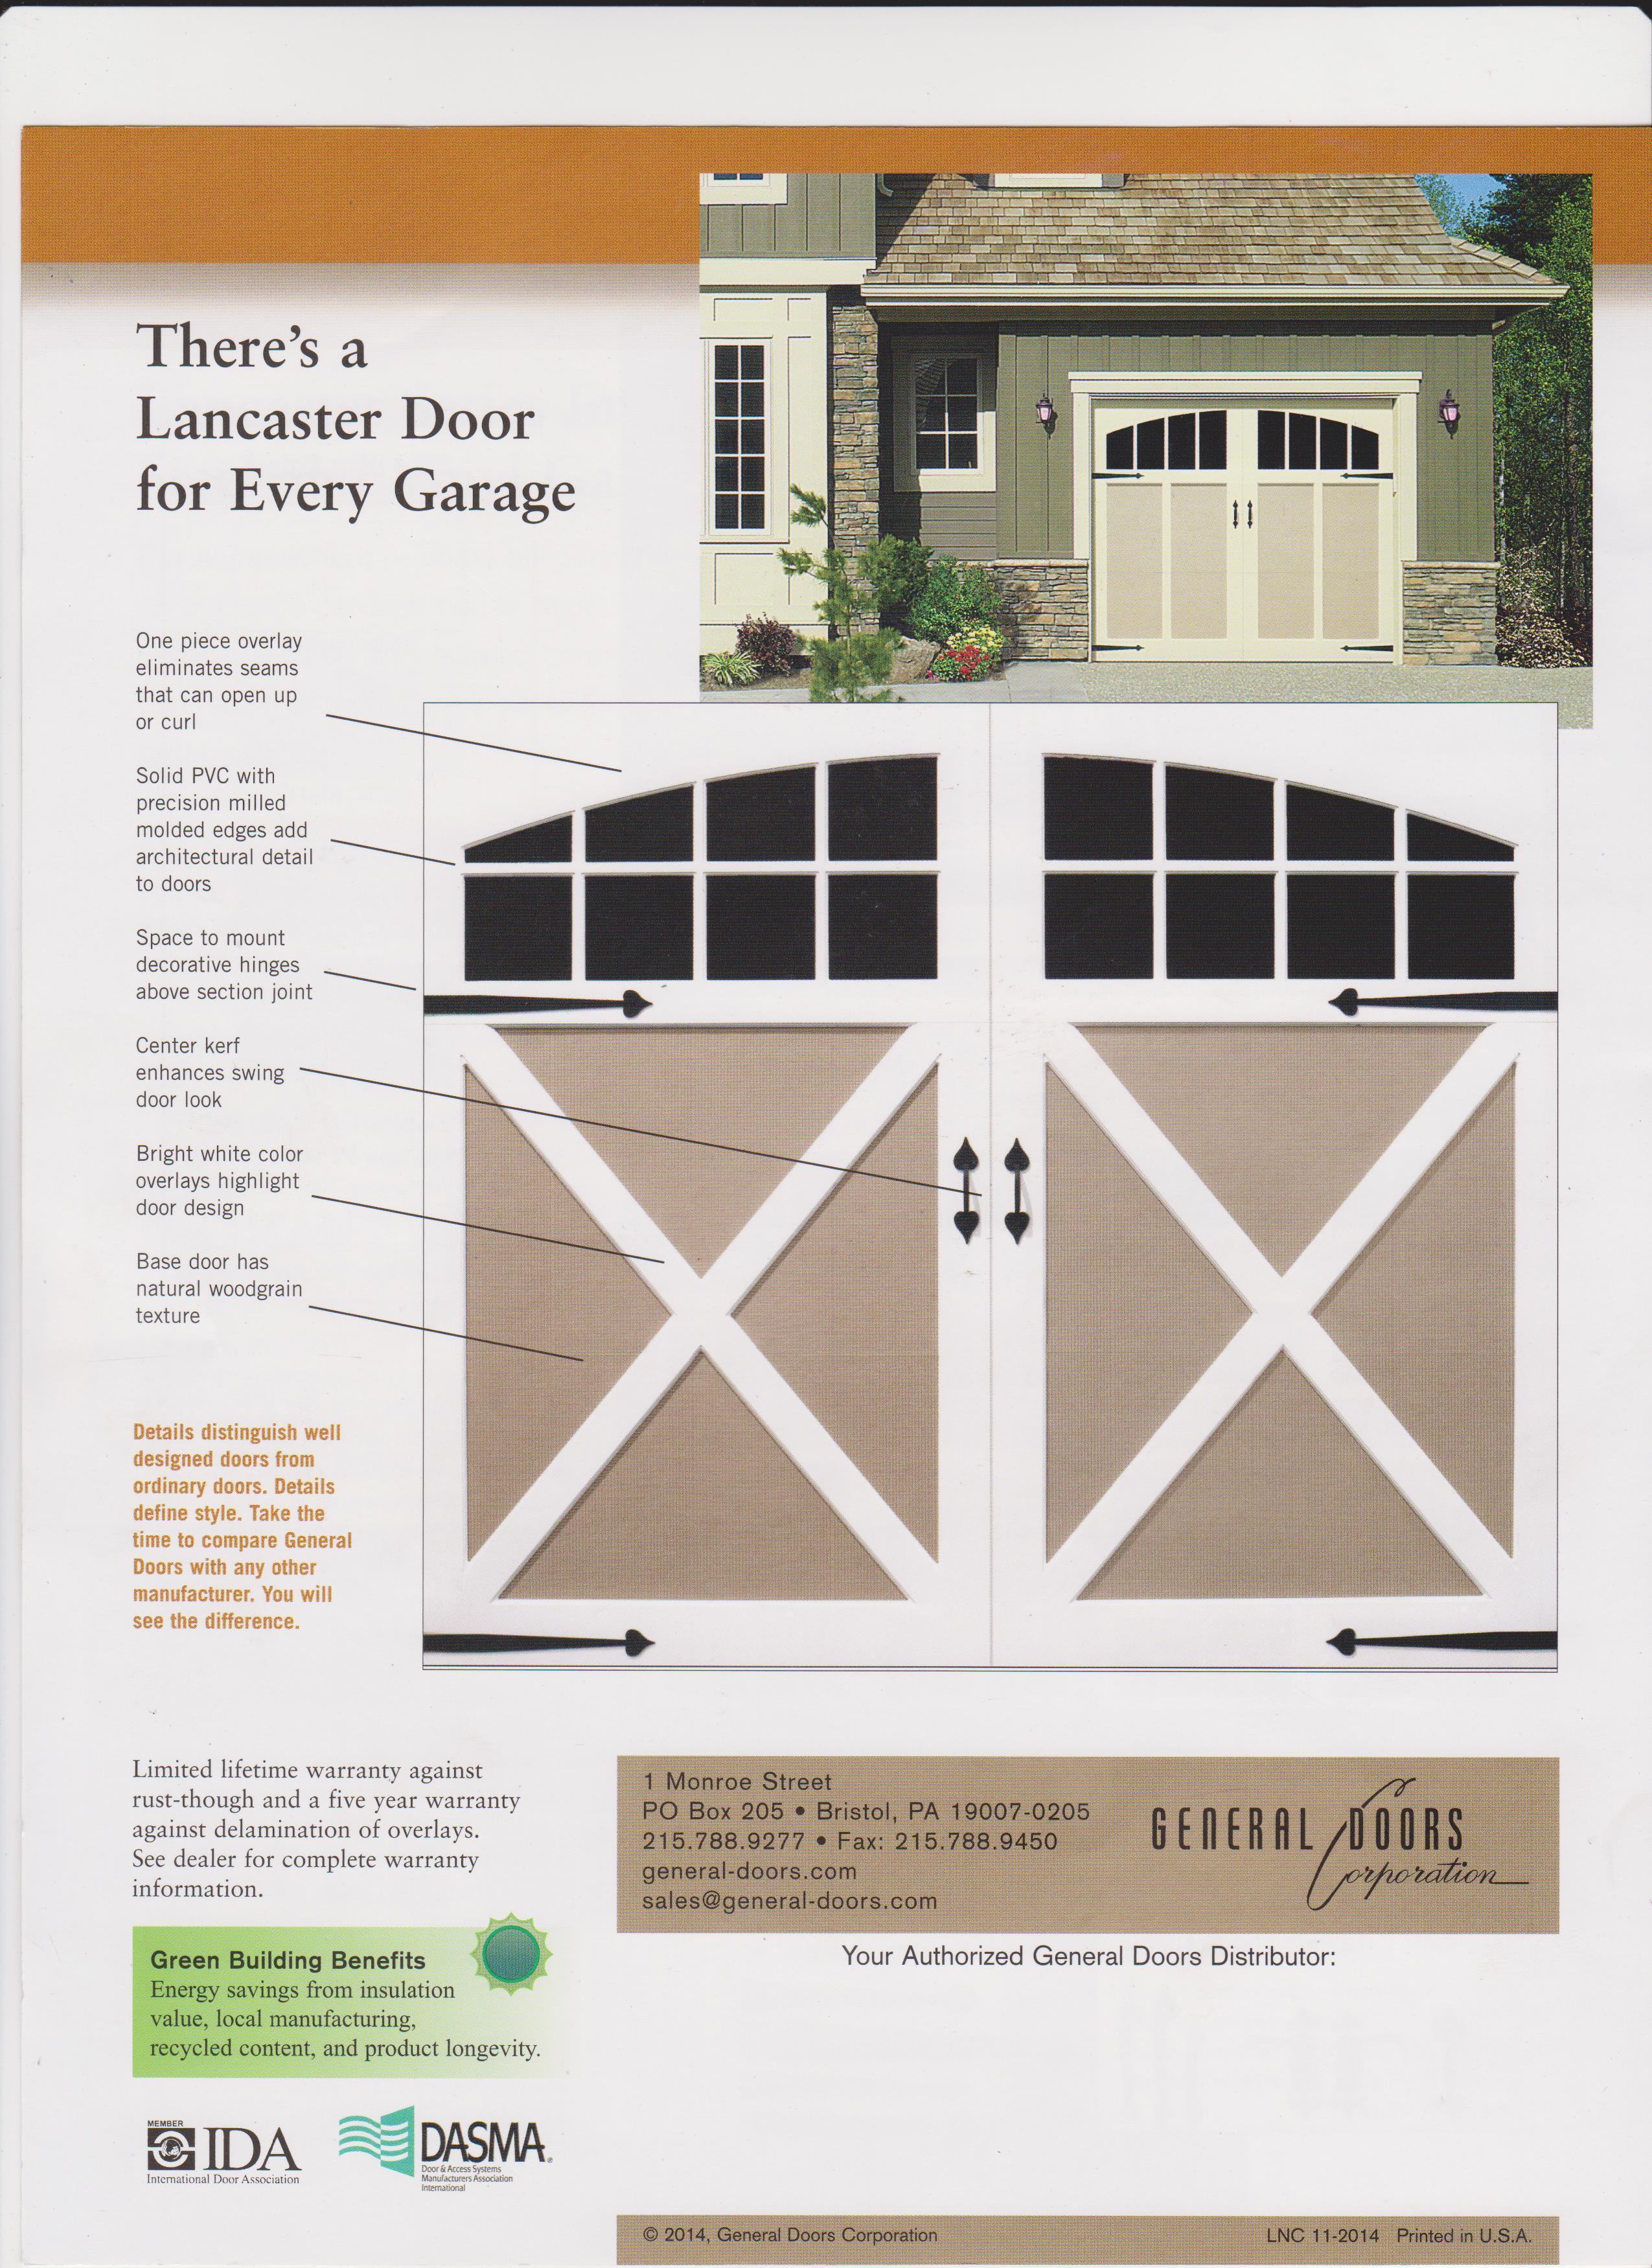 General Garage Door 4 - Garage Door in West Babylon NY  sc 1 st  Professional Garage Door Company - Long Island NY & General Garage Doors - Long Island NY - Arthur F. Brand u0026 Sons Inc.